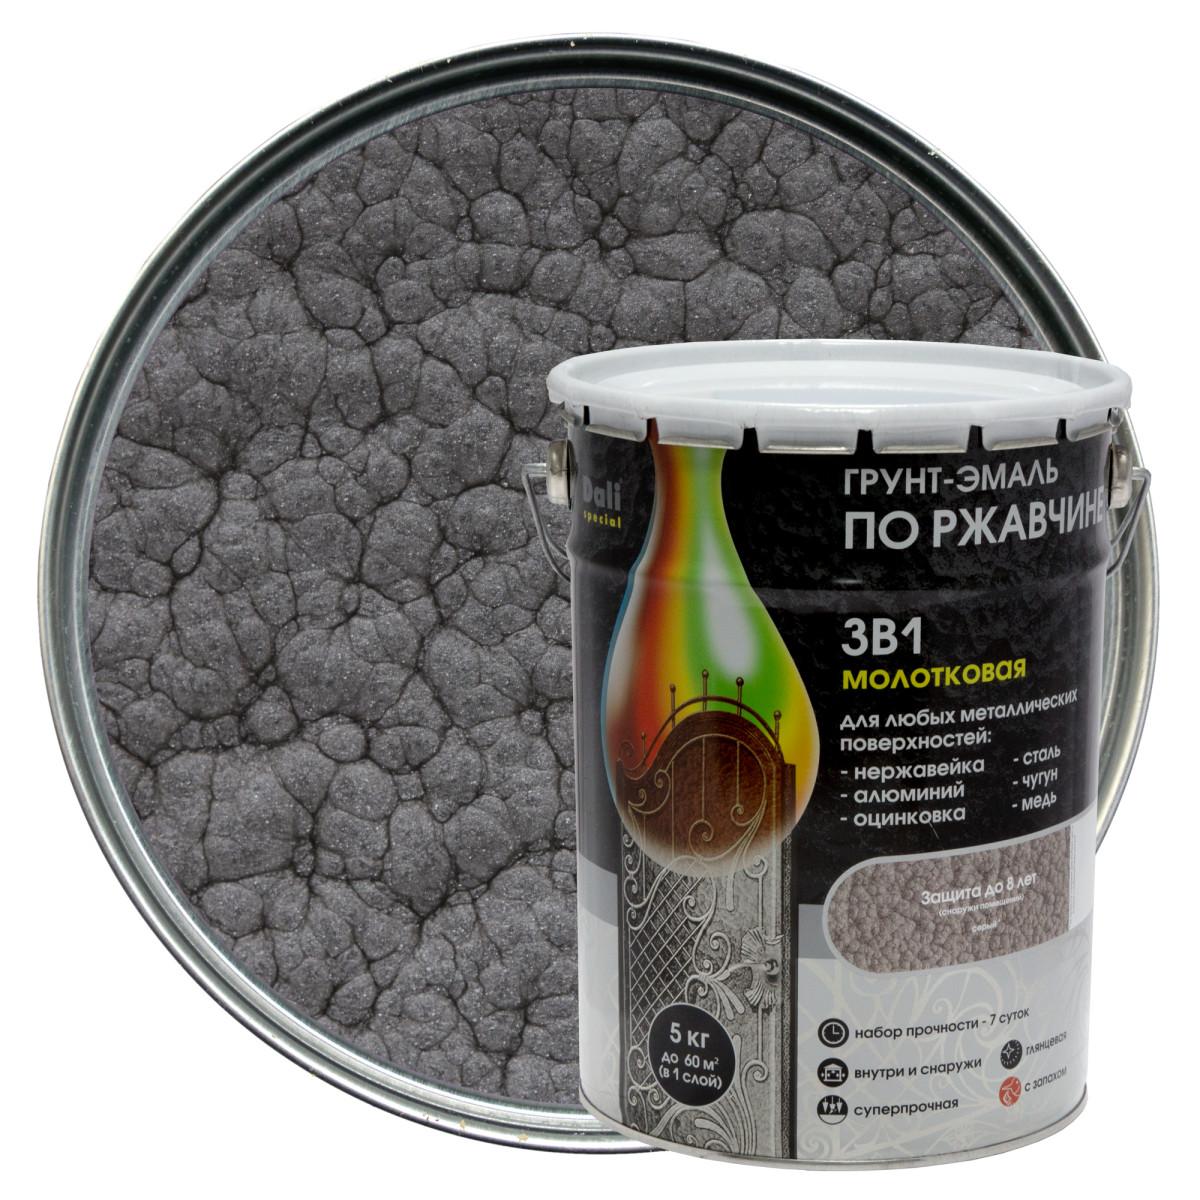 Грунт эмаль по ржавчине 3 в 1 гладкая Dali Special молотковая цвет серый 5 кг